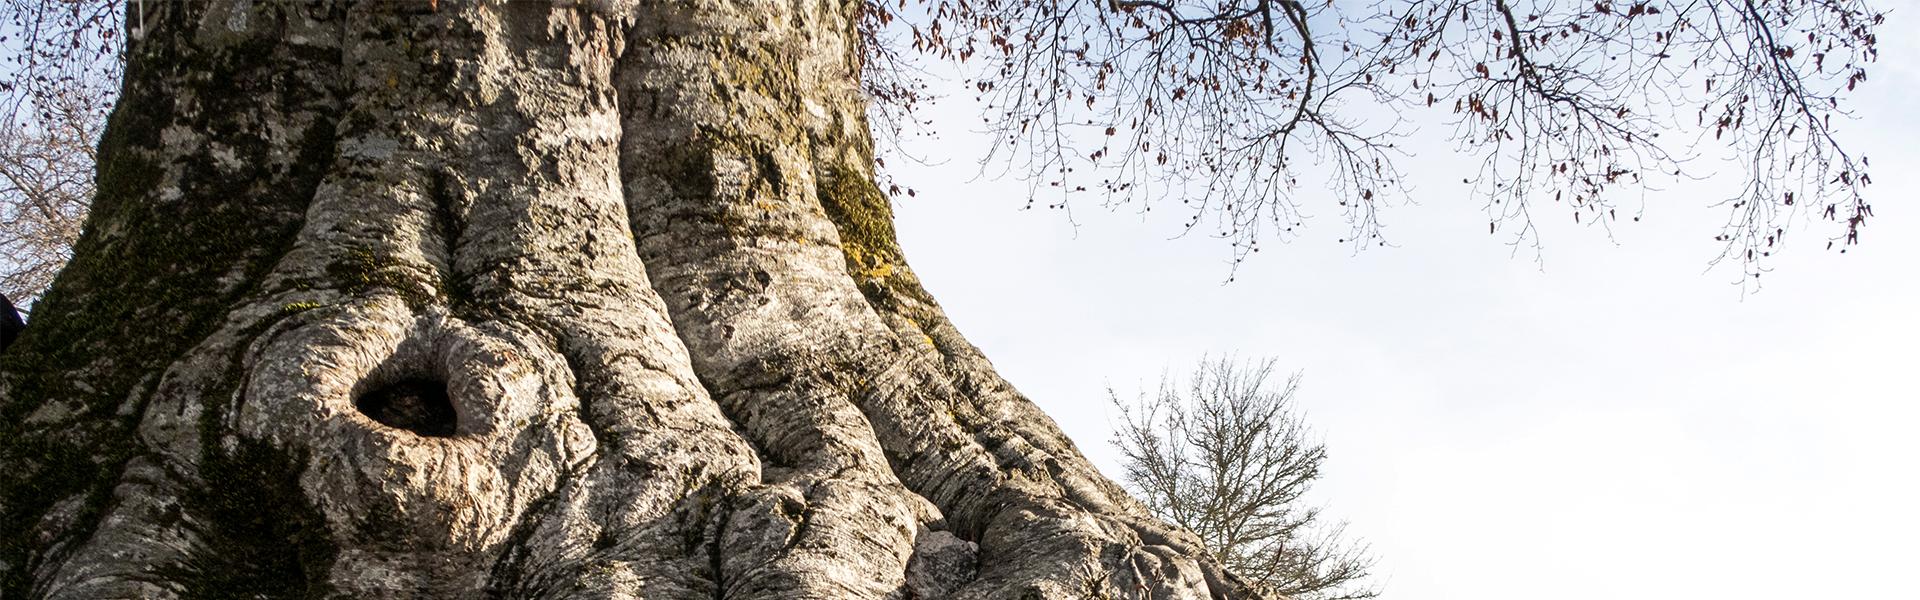 Knorriger Laubbaun mit dicken Wurzen steht fest geerdet im Boden.